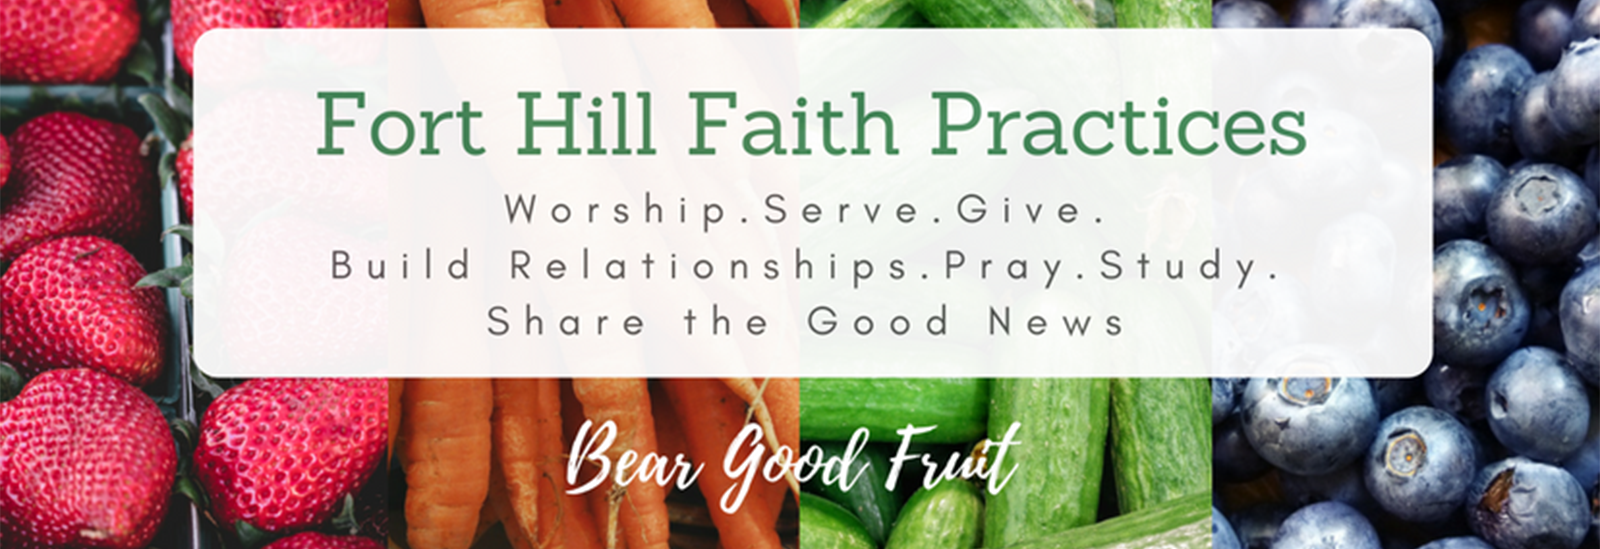 FH-Faith-Practices_web-banner